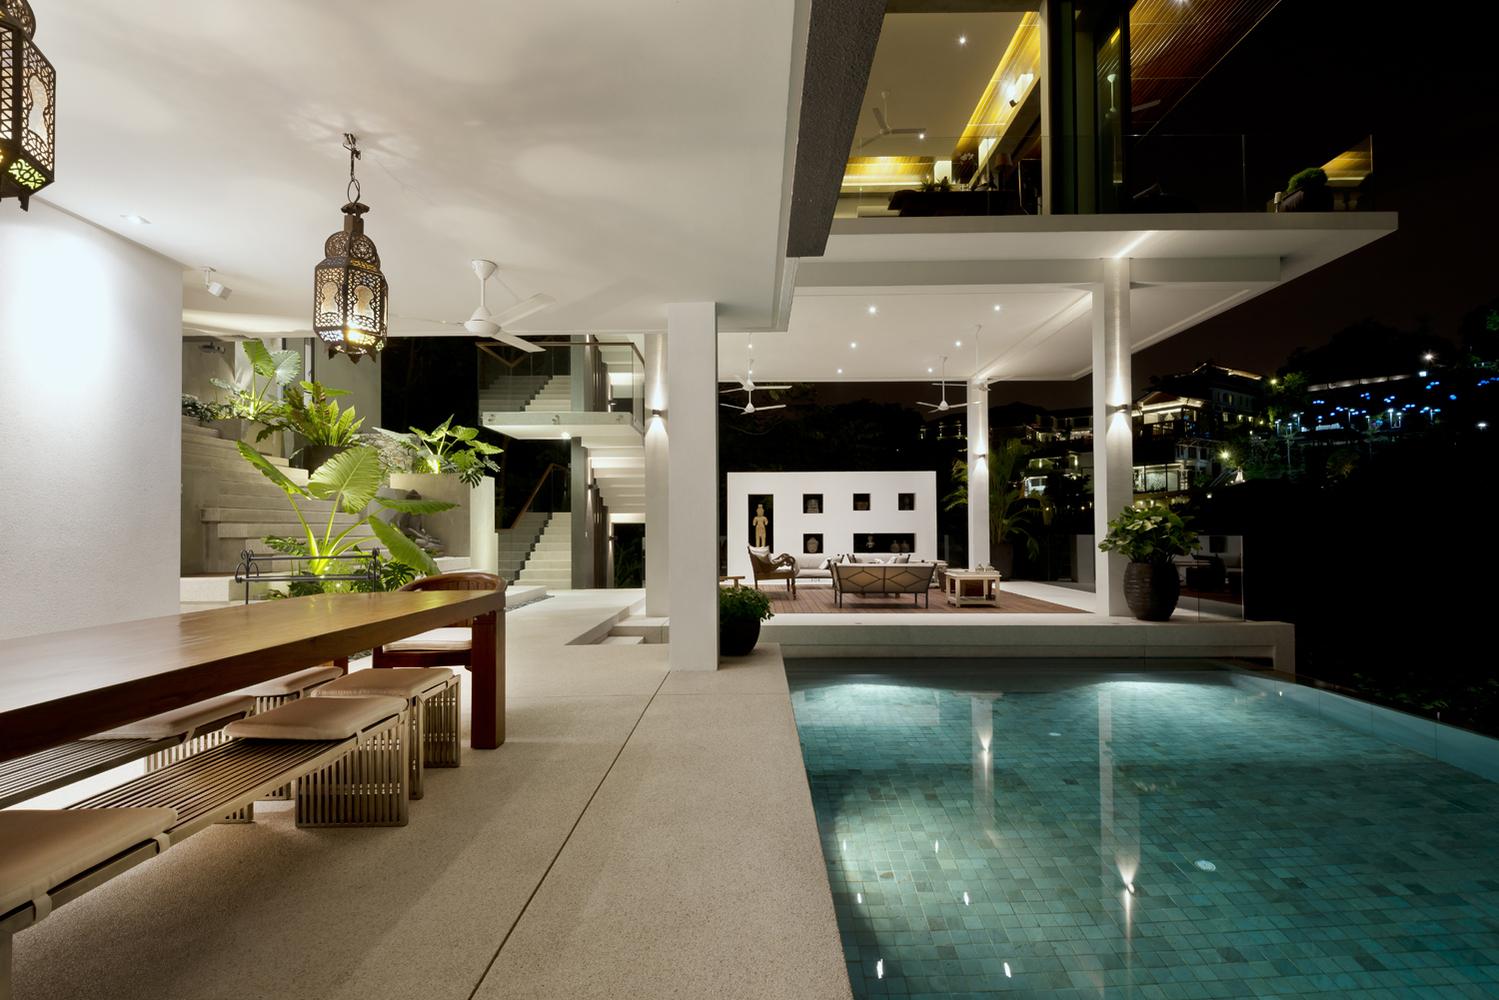 Illuminazione anche in piscina